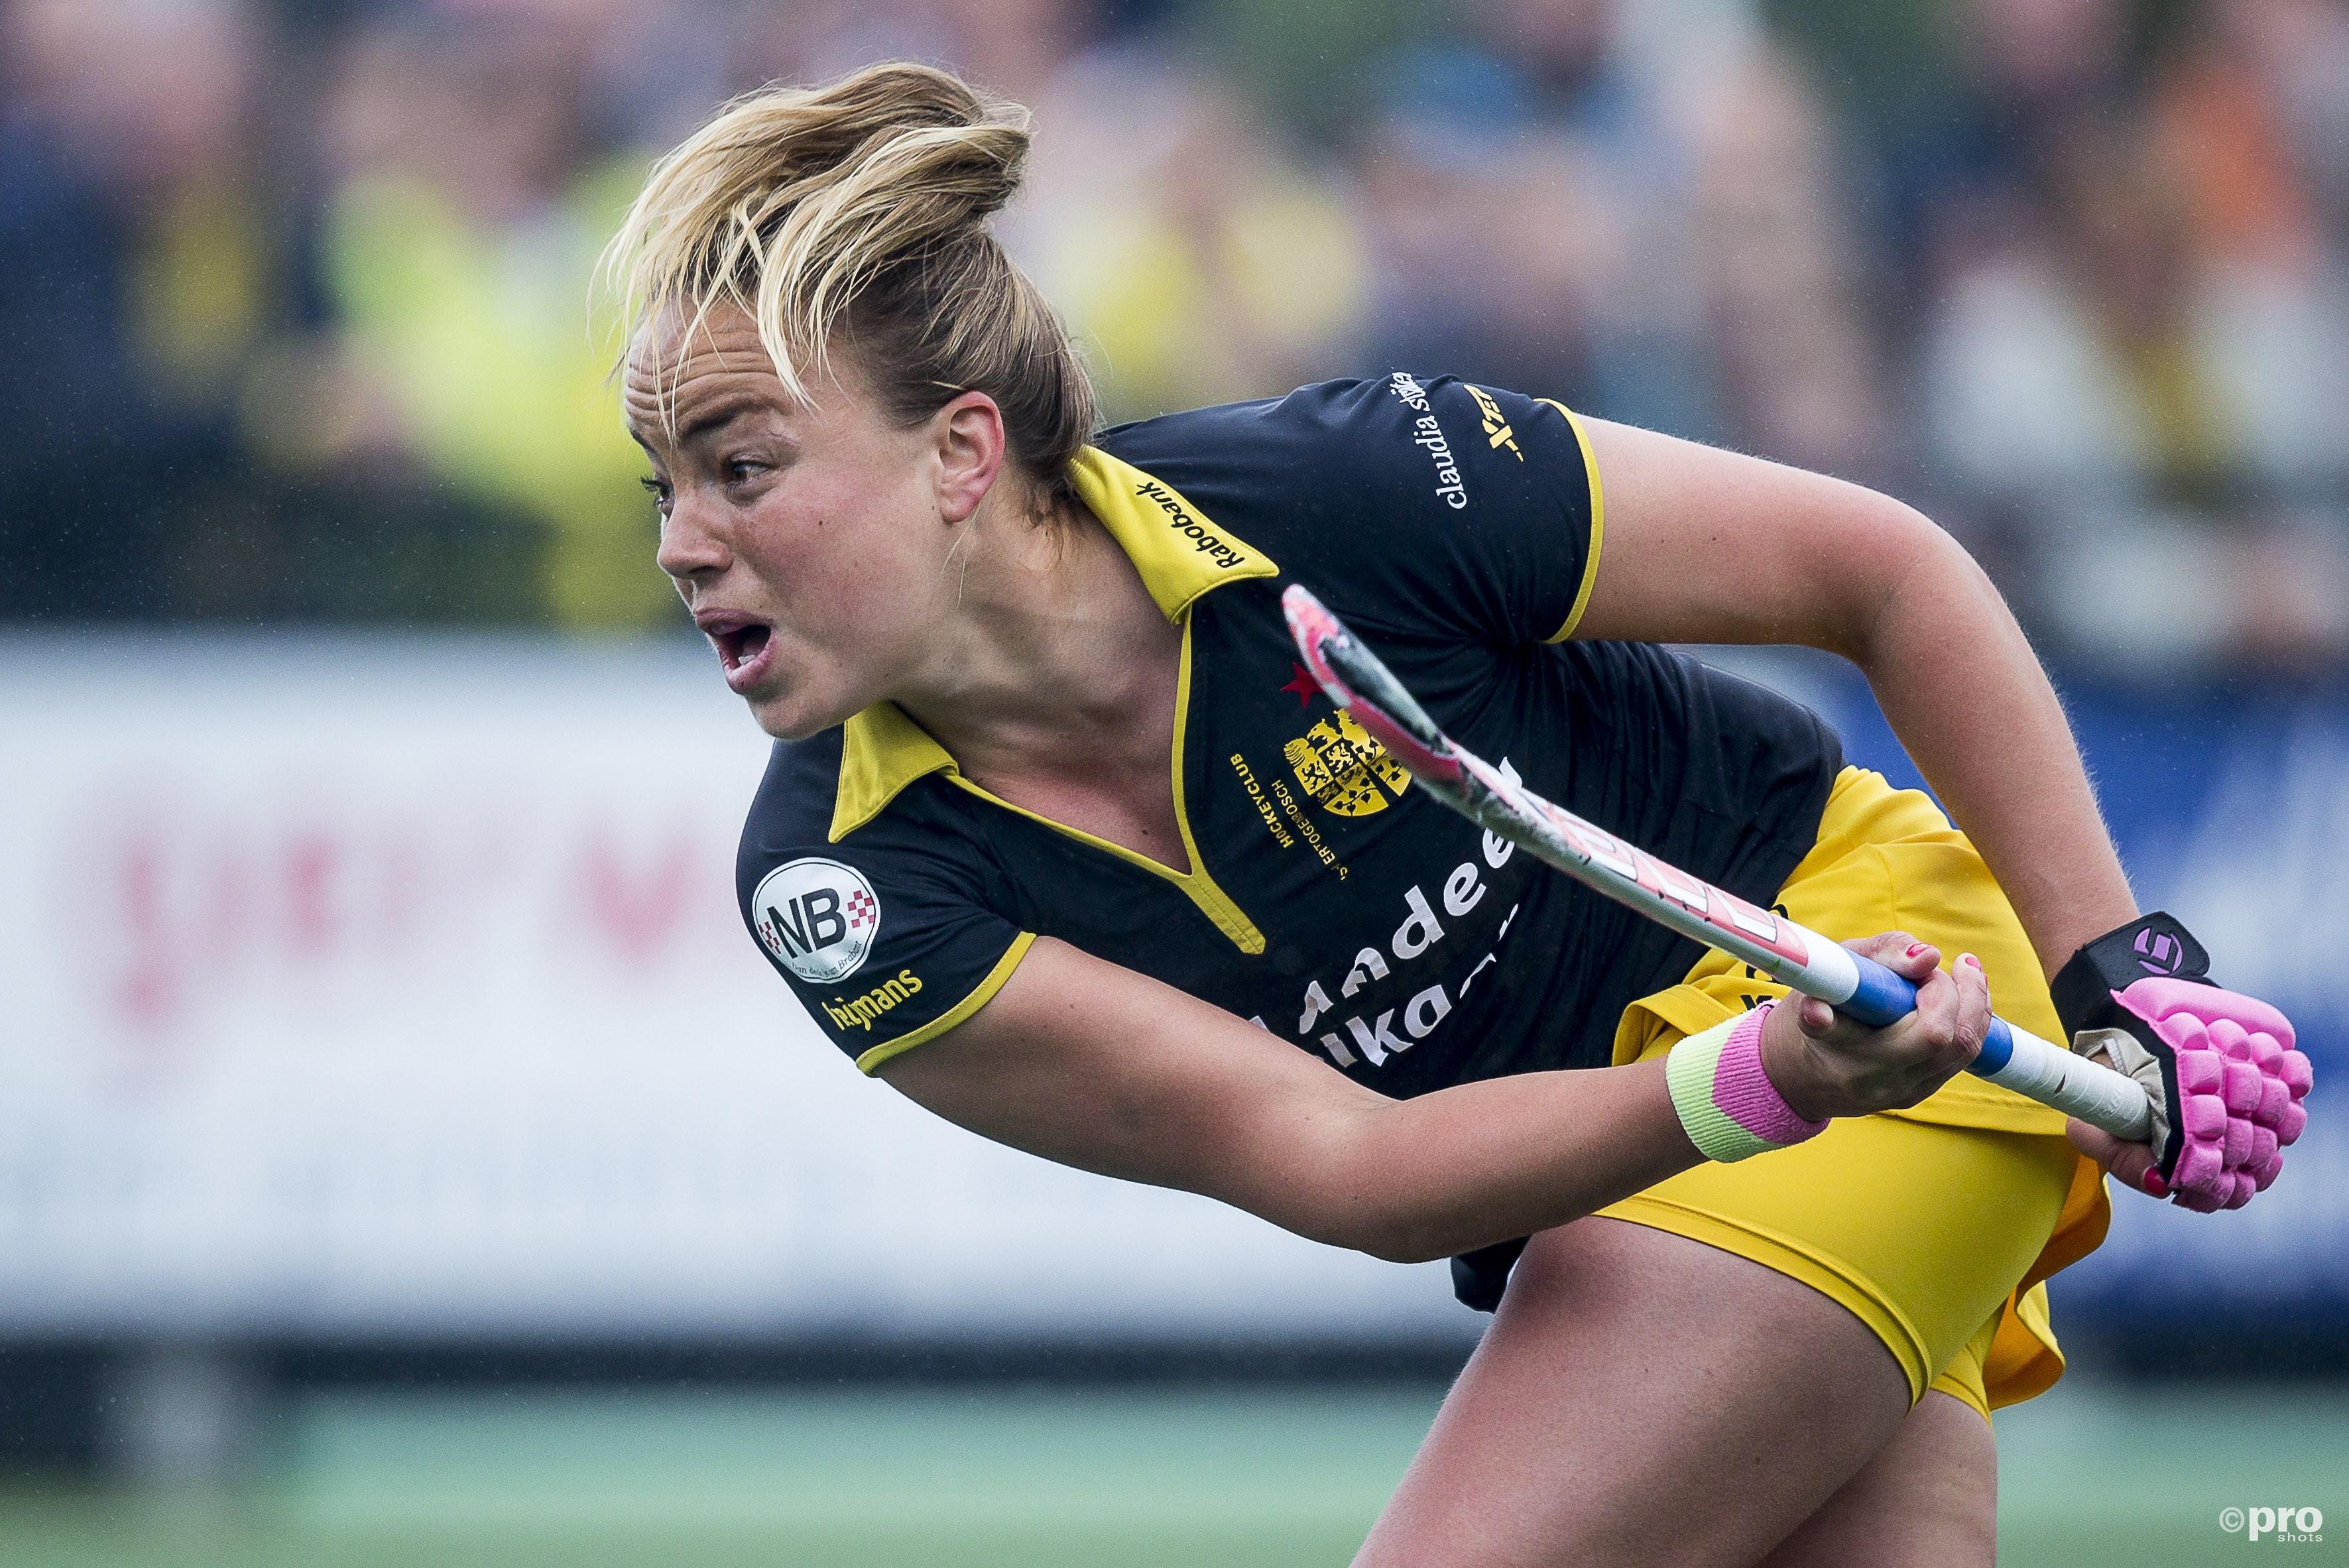 Maartje Paumen sluit carrière bij Den Bosch af met landstitel en Europa Cup. (PRO SHOTS/Joep Leenen)